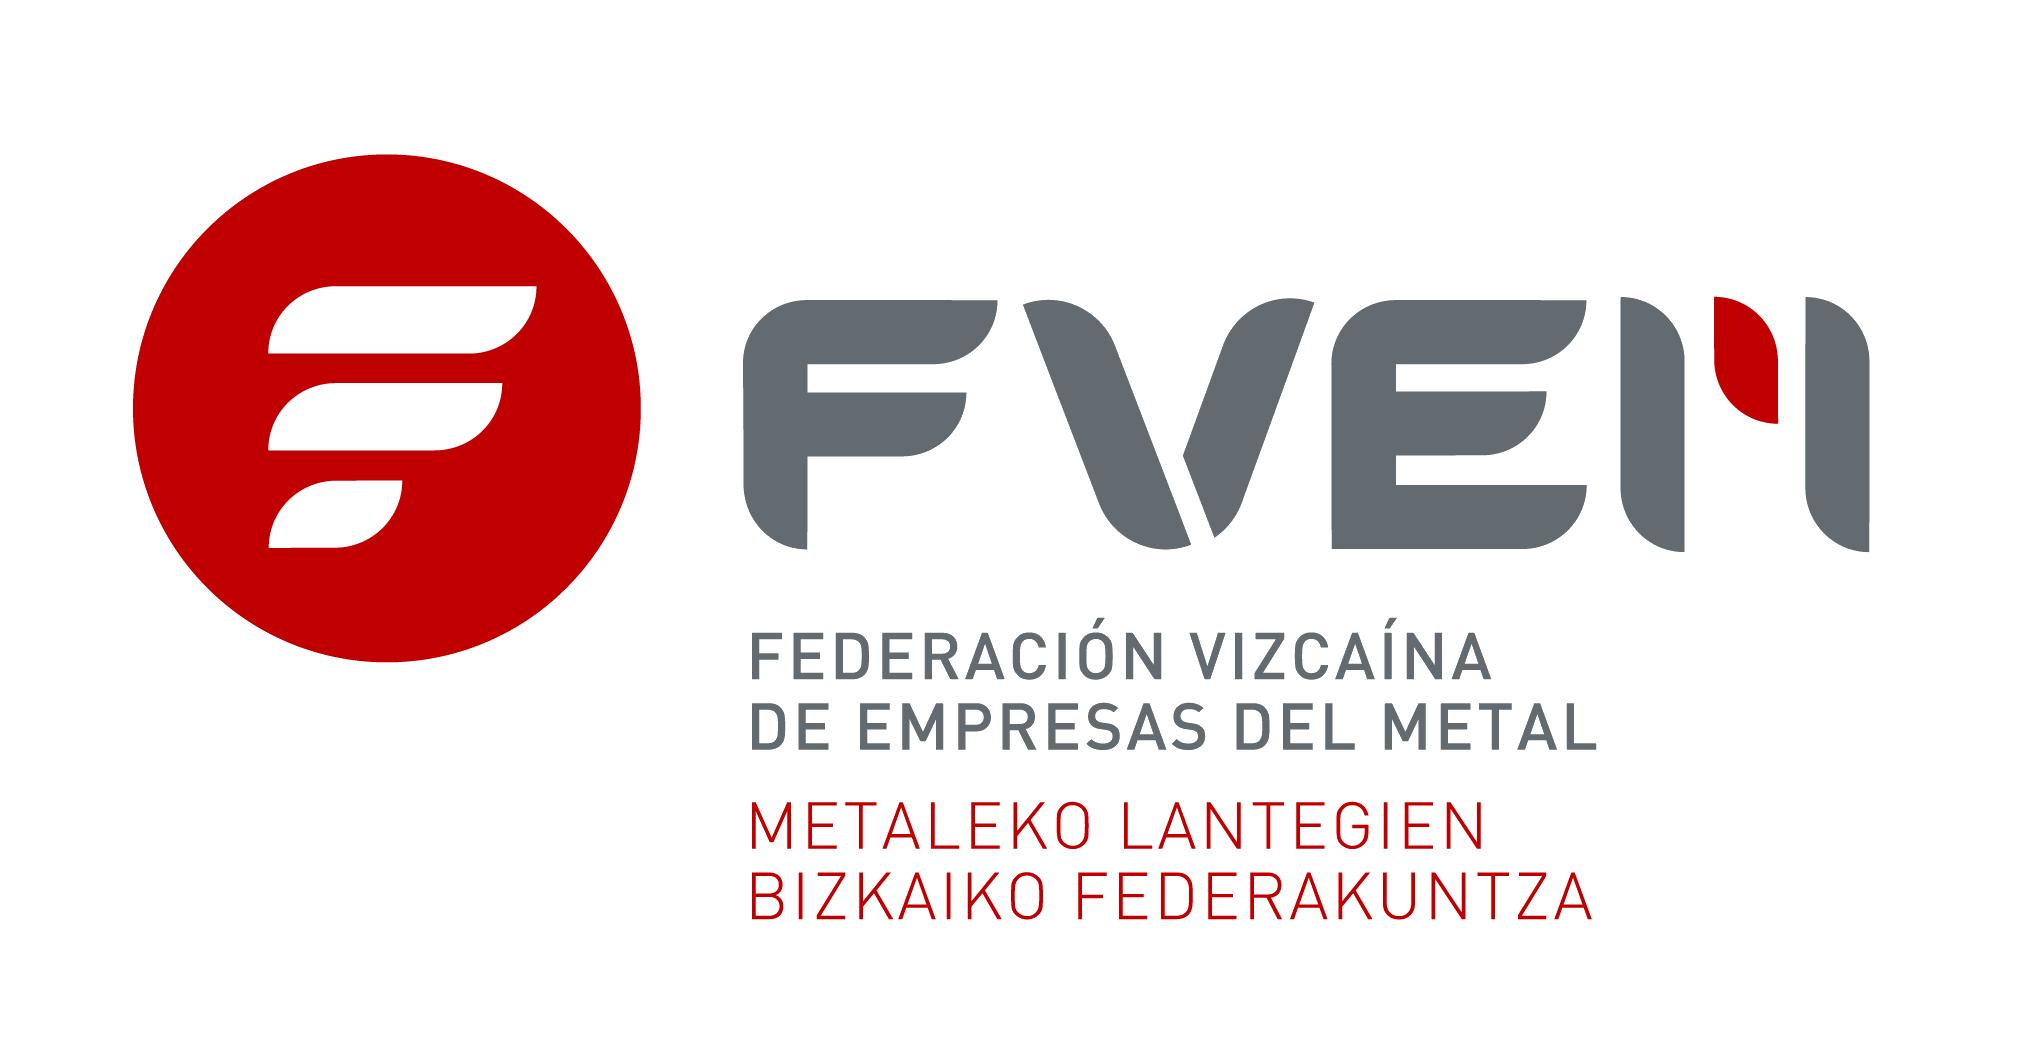 Federación vizcaína empresas de metal FVEM